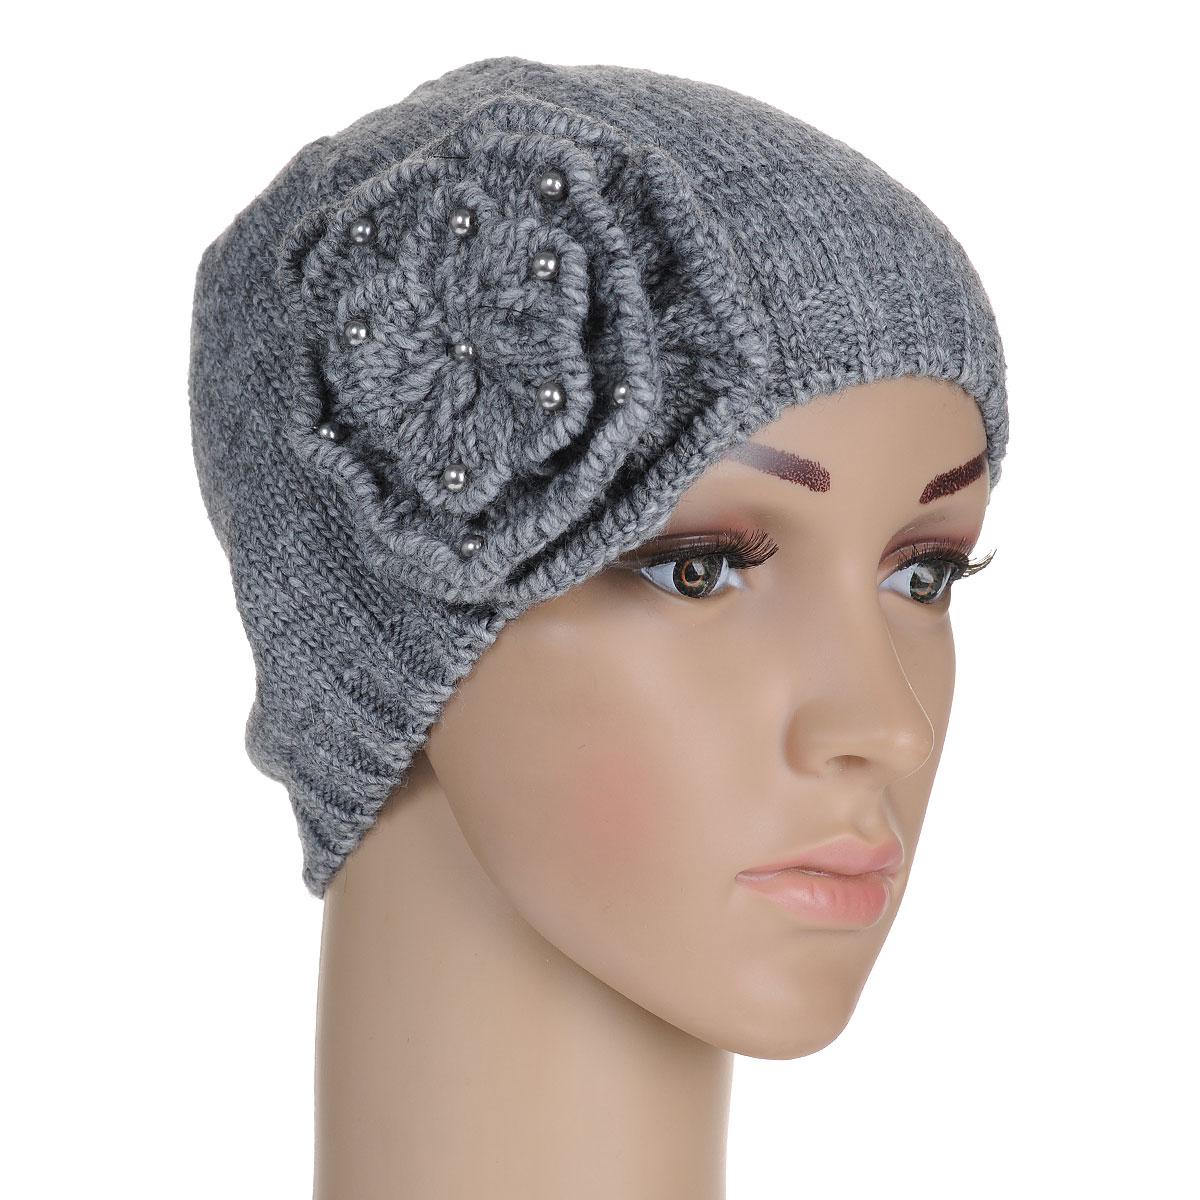 Шапка7111S_11 GMСтильная женская шапка Flioraj - теплая модель для холодной погоды. Сочетание различных материалов обеспечивает сохранение тепла и удобную посадку. Модель отлично тянется и оформлена крупным вязаным цветком, украшенным мелкими бусинами. Понизу шапка связана крупной резинкой. Flioraj - комфортная защита от холода.